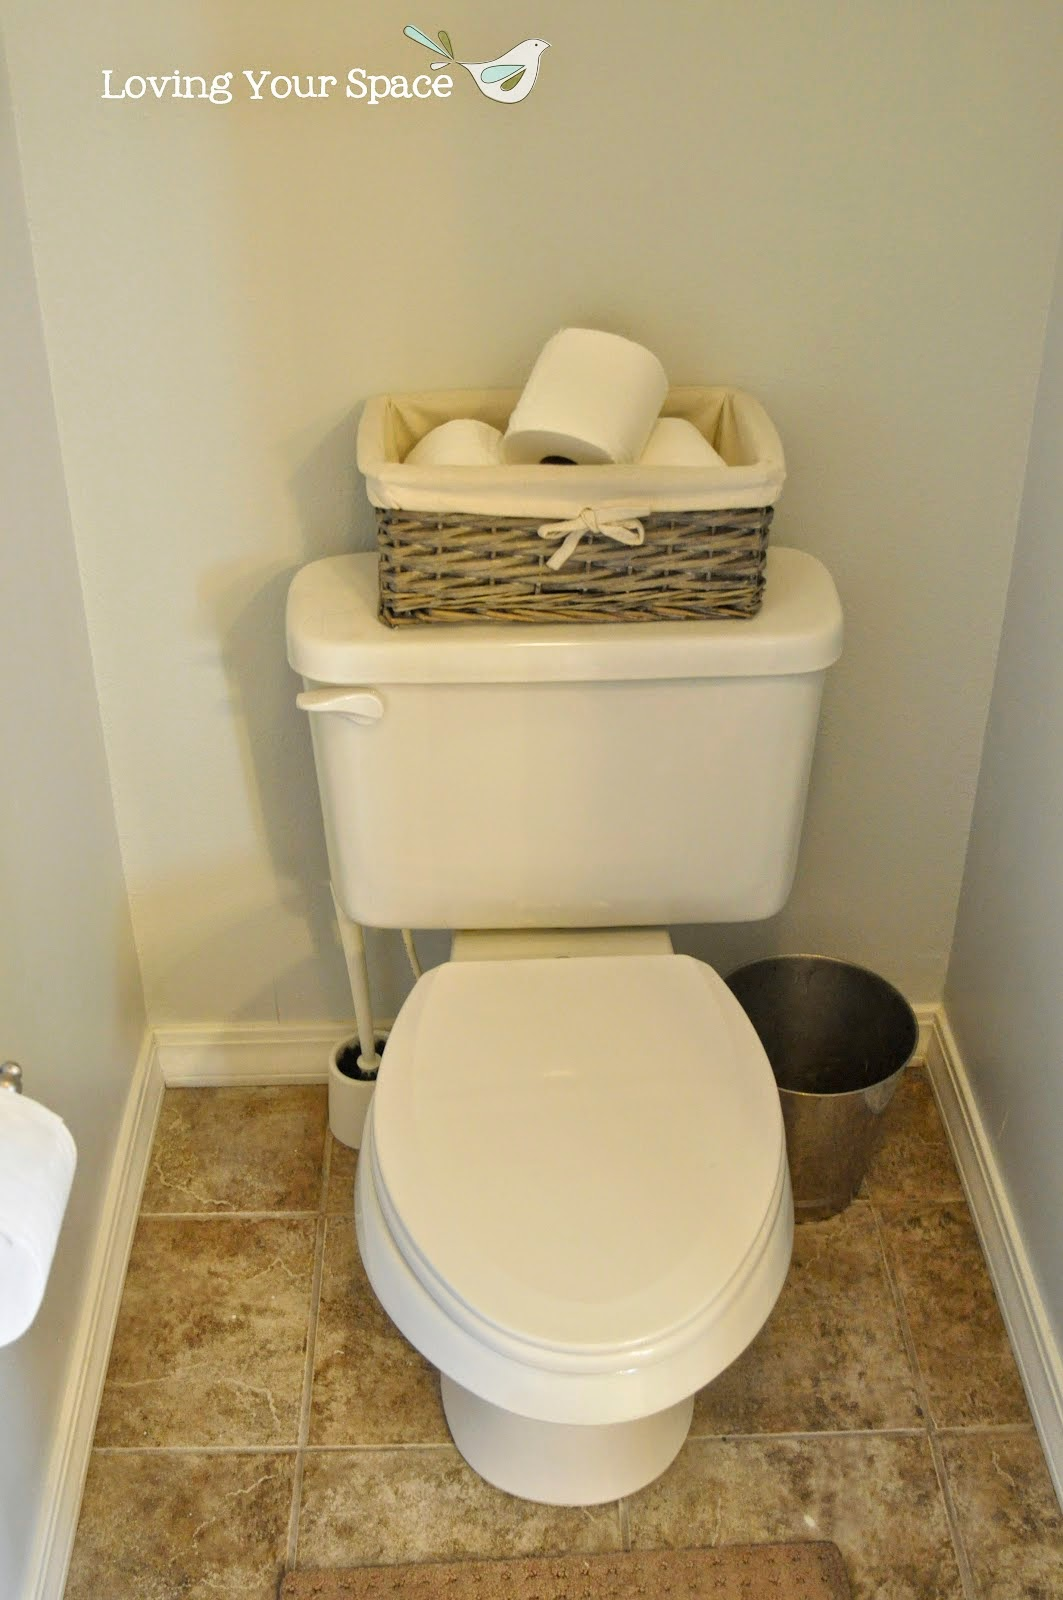 Inodoro Baño Pequeno:Aprovecha el inodoro como espacio de almacenaje para un baño pequeño